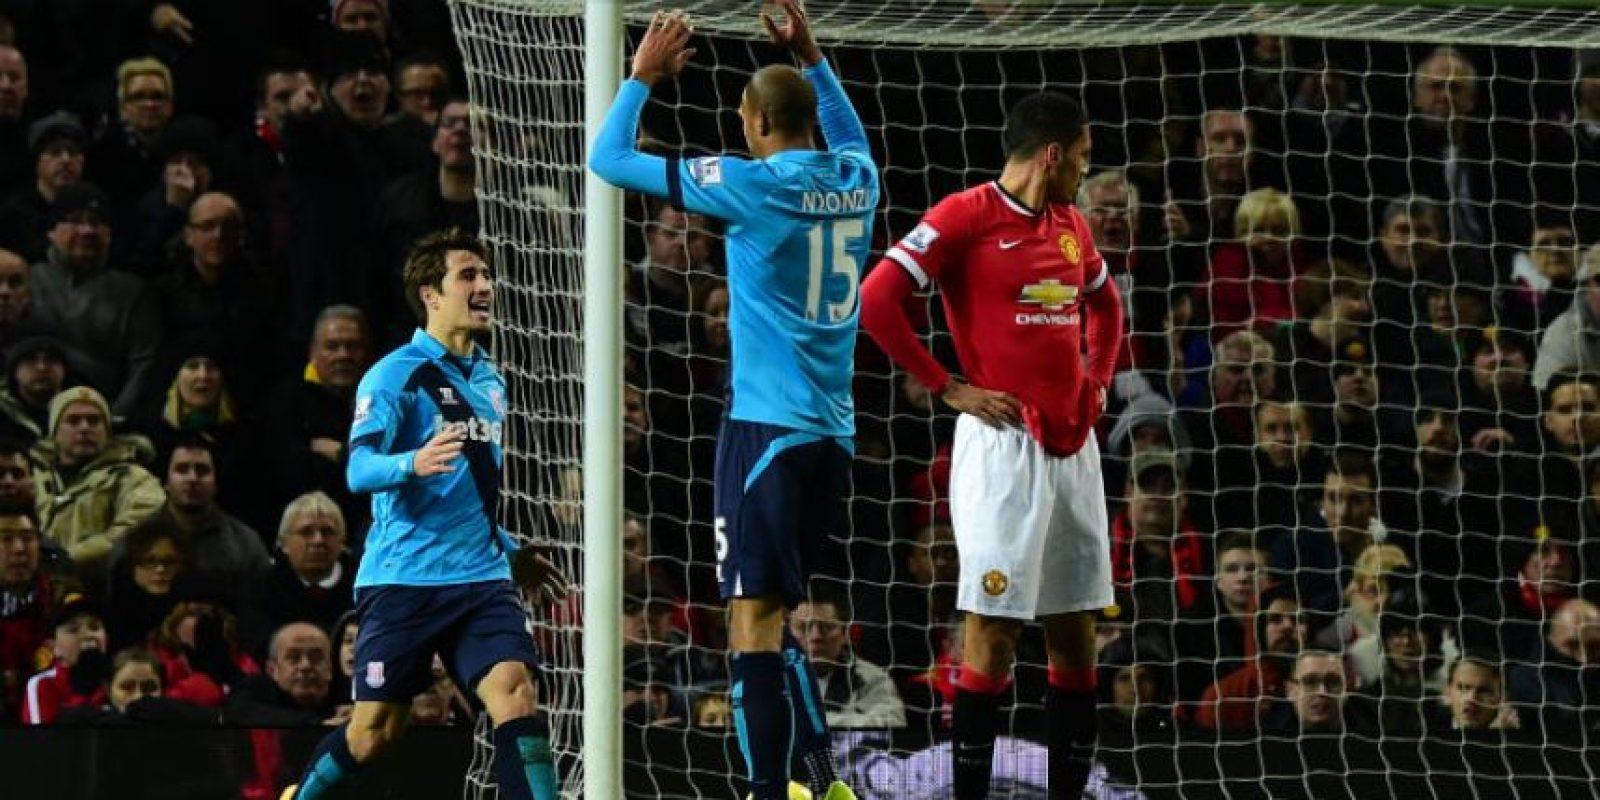 Los jugadores del Stoke City, Bojan Krkic (izquierda) y Steven N'Zonzi celebran el gol del descuento. Foto:AFP